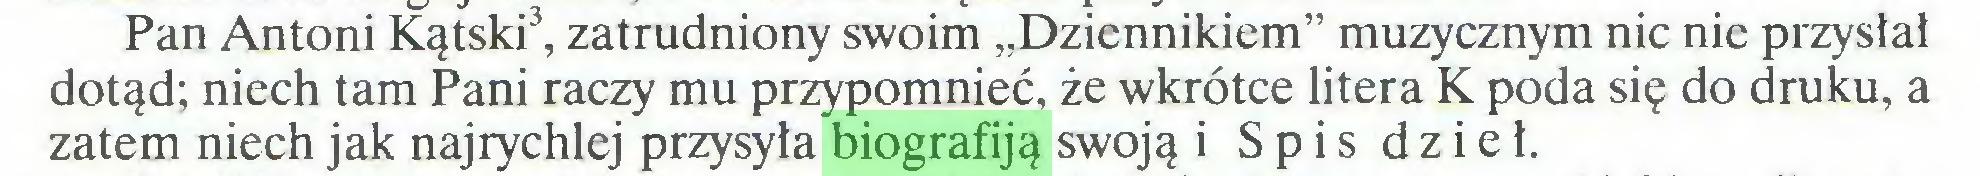 """(...) Pan Antoni Kątski3, zatrudniony swoim """"Dziennikiem"""" muzycznym nic nie przysłał dotąd; niech tam Pani raczy mu przypomnieć, że wkrótce litera K poda się do druku, a zatem niech jak najrychlej przysyła biografiją swoją i Spis dzieł..."""